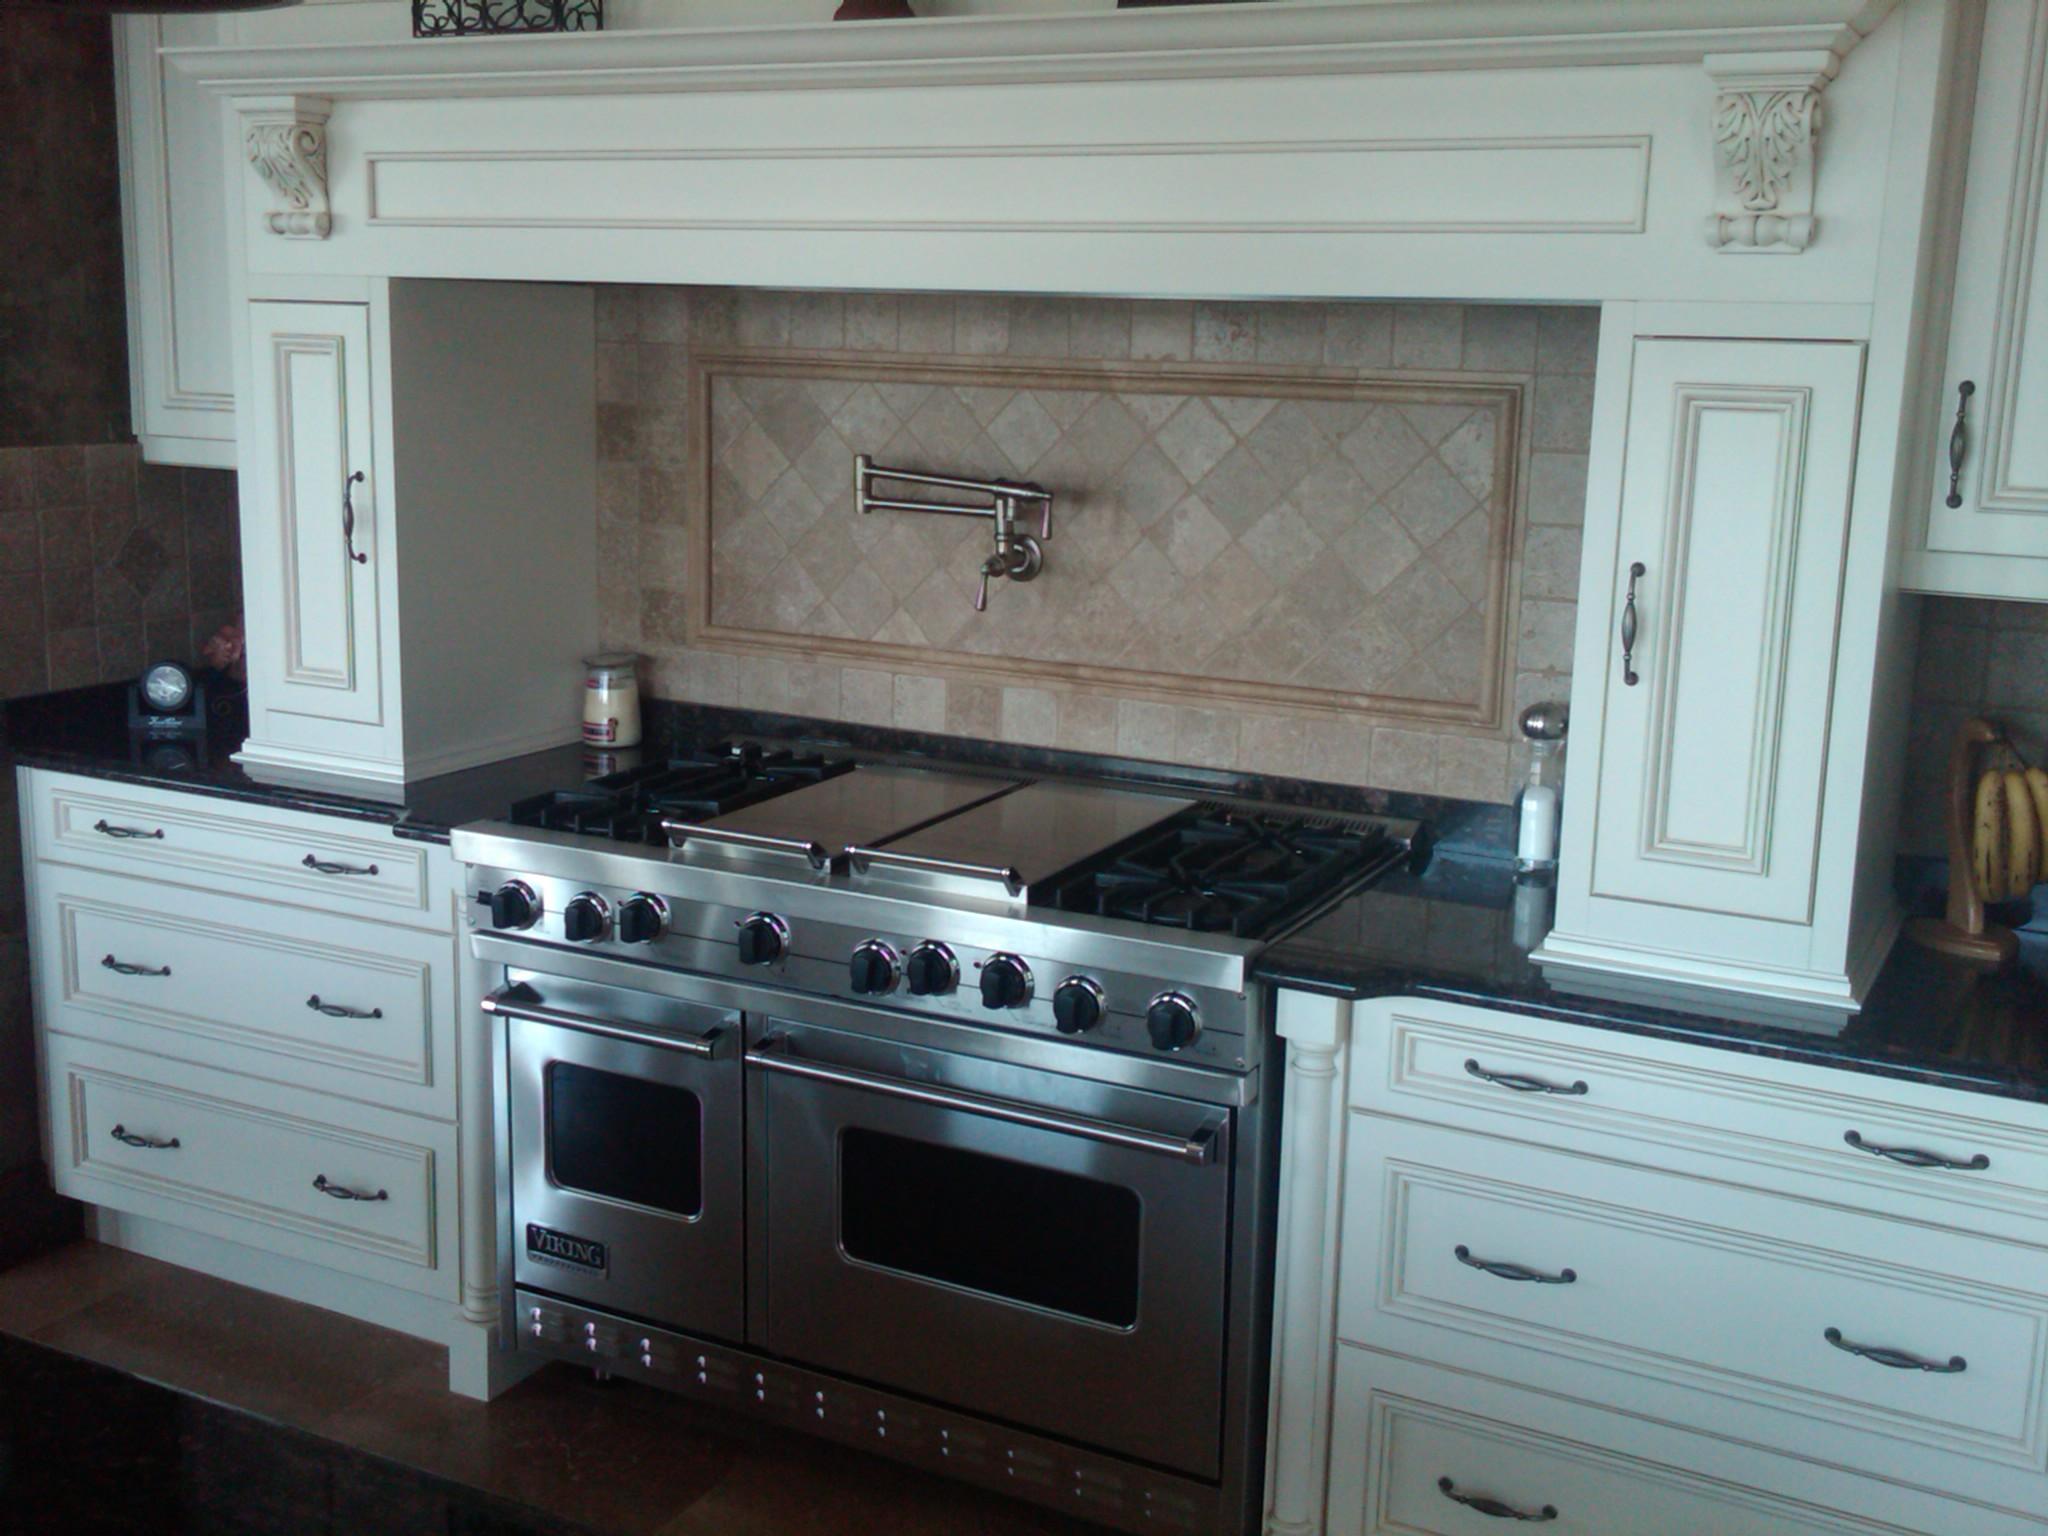 Kitchen Stone backsplash ideas inspiration.jpg